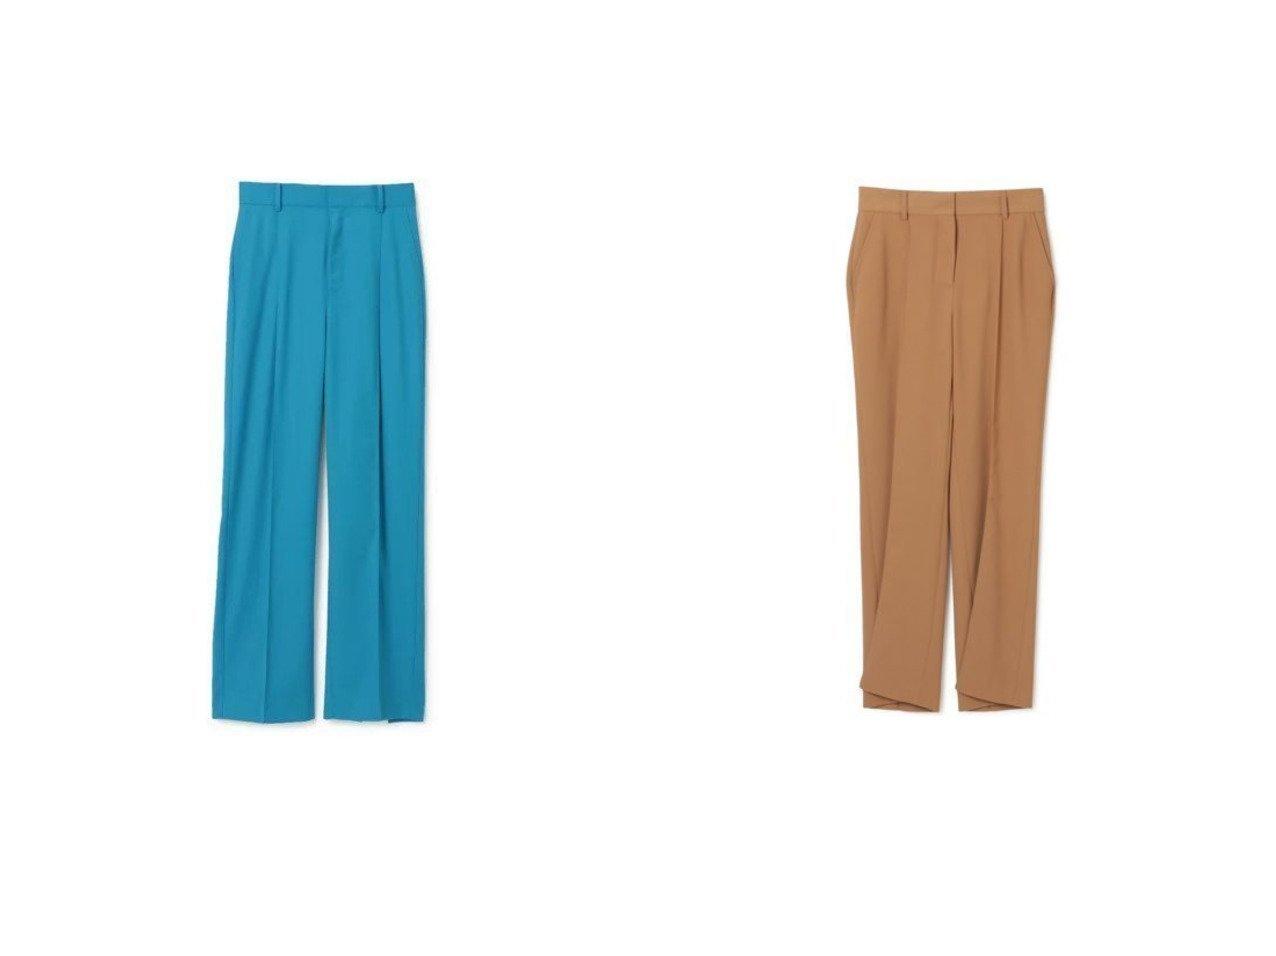 【LE CIEL BLEU/ルシェル ブルー】のBackSlitHemPT&【SEE BY CHLOE/シー バイ クロエ】のTrouser 【パンツ】おすすめ!人気、トレンド・レディースファッションの通販 おすすめで人気の流行・トレンド、ファッションの通販商品 インテリア・家具・メンズファッション・キッズファッション・レディースファッション・服の通販 founy(ファニー) https://founy.com/ ファッション Fashion レディースファッション WOMEN パンツ Pants 2021年 2021 2021-2022秋冬・A/W AW・Autumn/Winter・FW・Fall-Winter・2021-2022 A/W・秋冬 AW・Autumn/Winter・FW・Fall-Winter フロント マニッシュ 洗える ストレート スリット センター フォルム |ID:crp329100000070195